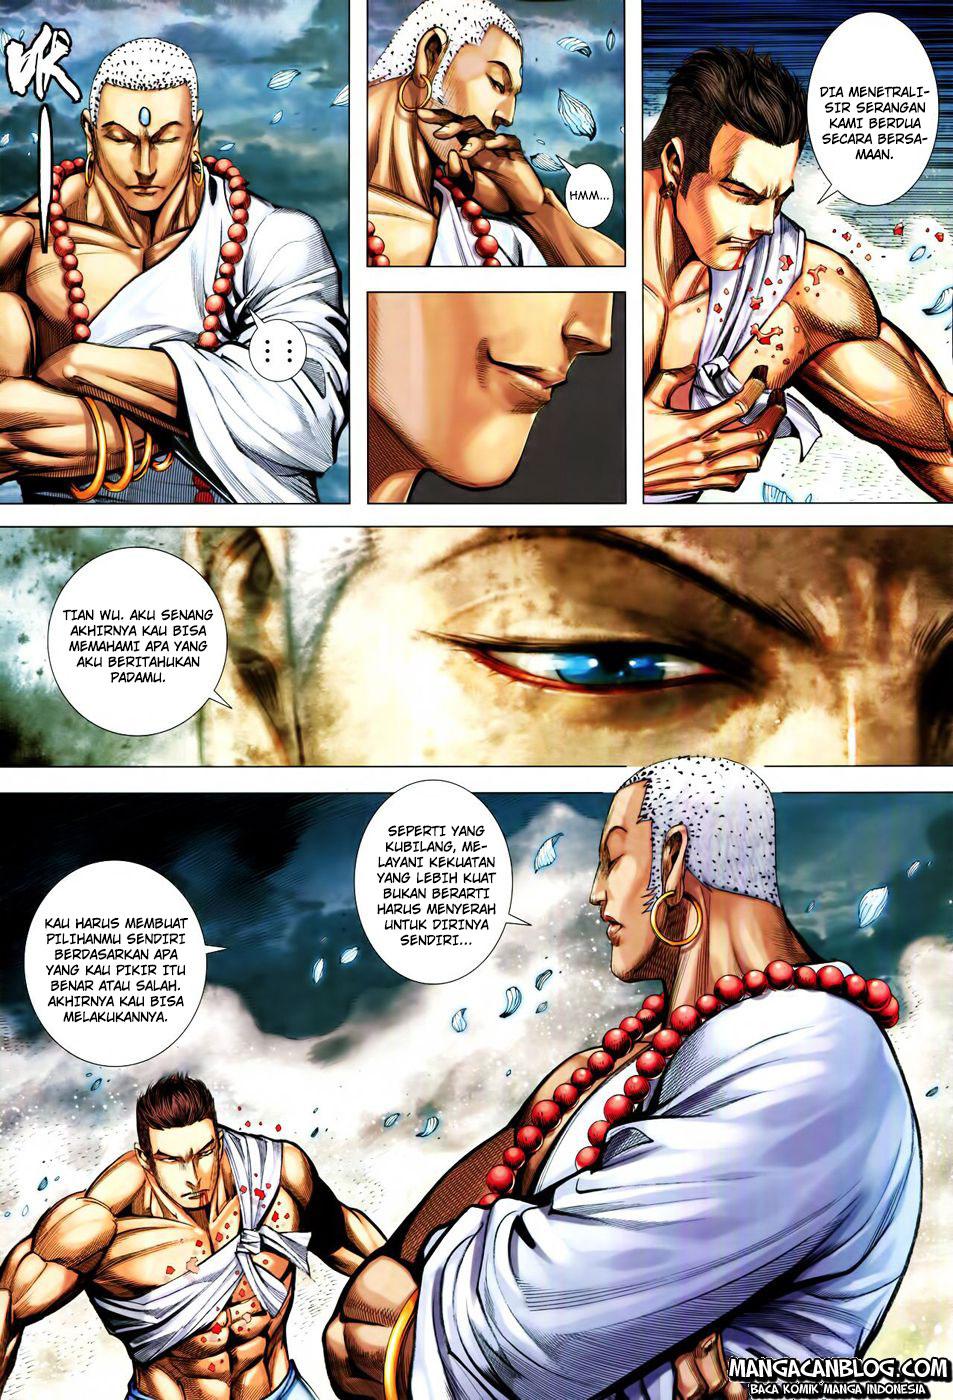 Dilarang COPAS - situs resmi www.mangacanblog.com - Komik feng shen ji 2 127 - mati tanpa penyesalan 128 Indonesia feng shen ji 2 127 - mati tanpa penyesalan Terbaru 18|Baca Manga Komik Indonesia|Mangacan